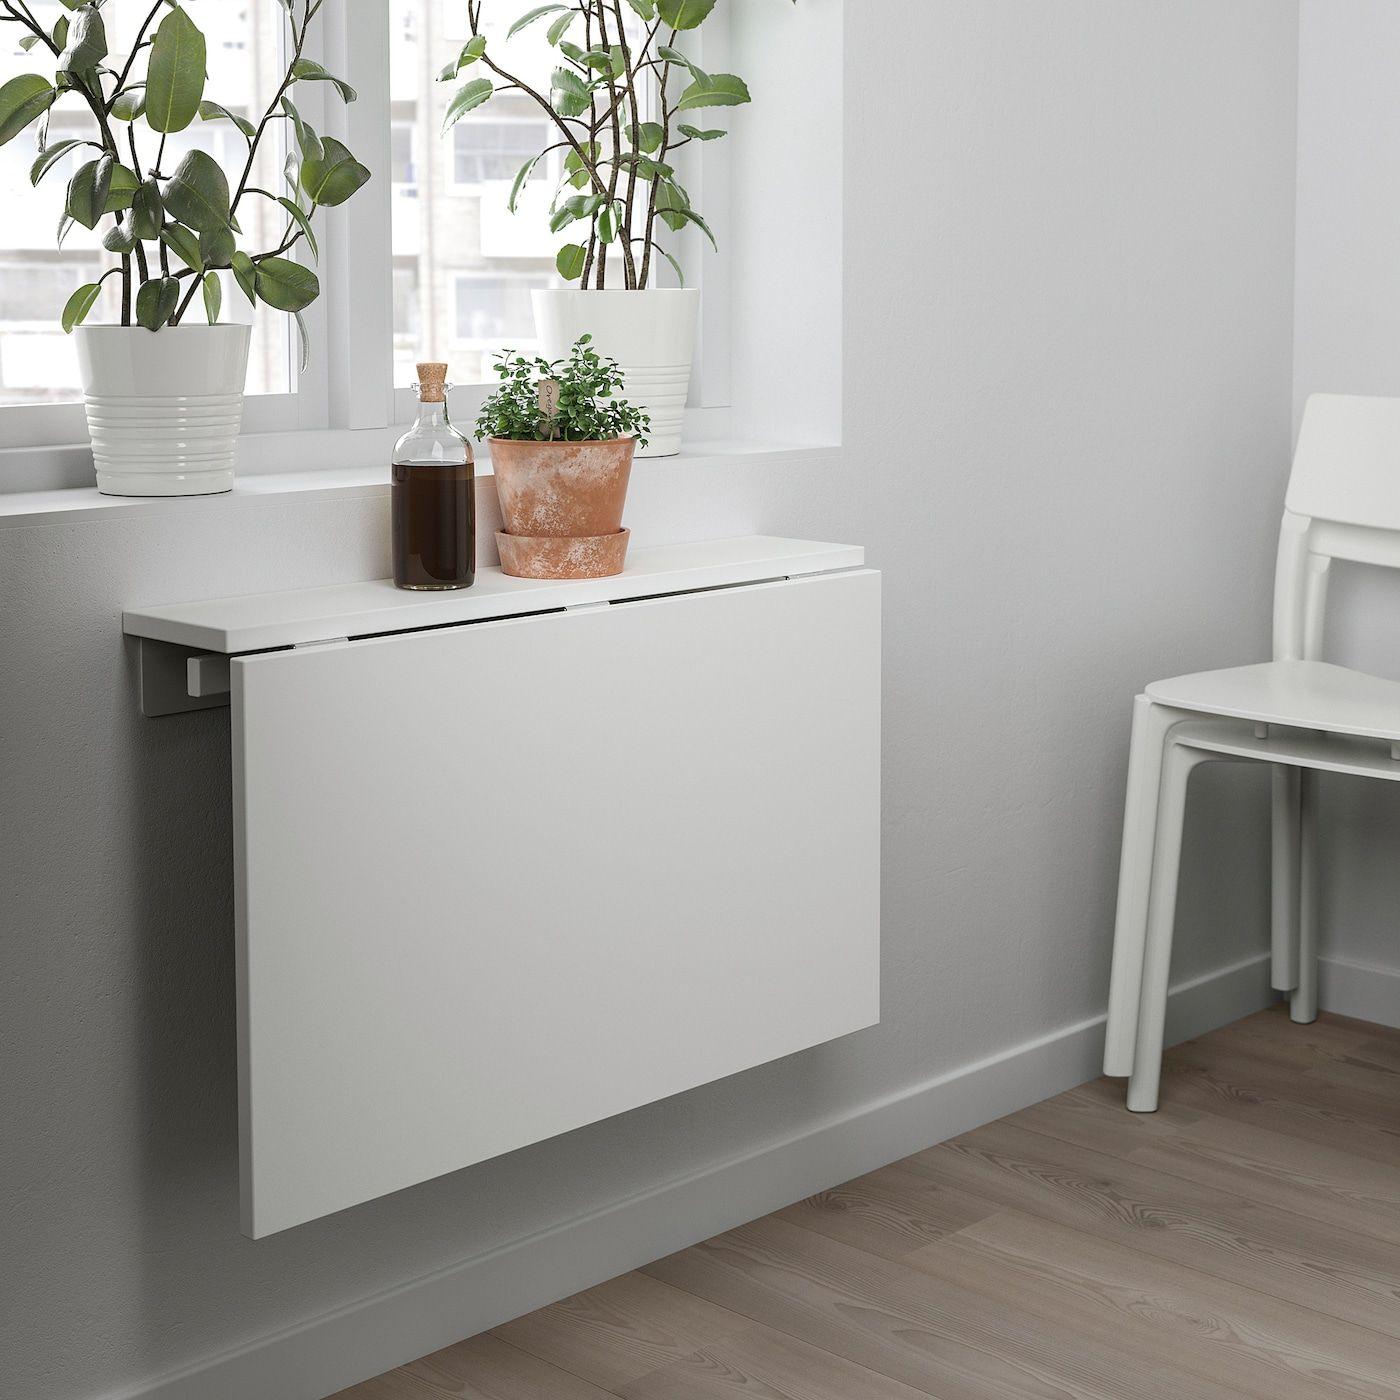 Norberg Wall Mounted Drop Leaf Table White 74x60 Cm In 2020 Wandklapptisch Ikea Klapptisch Klapptisch Wand